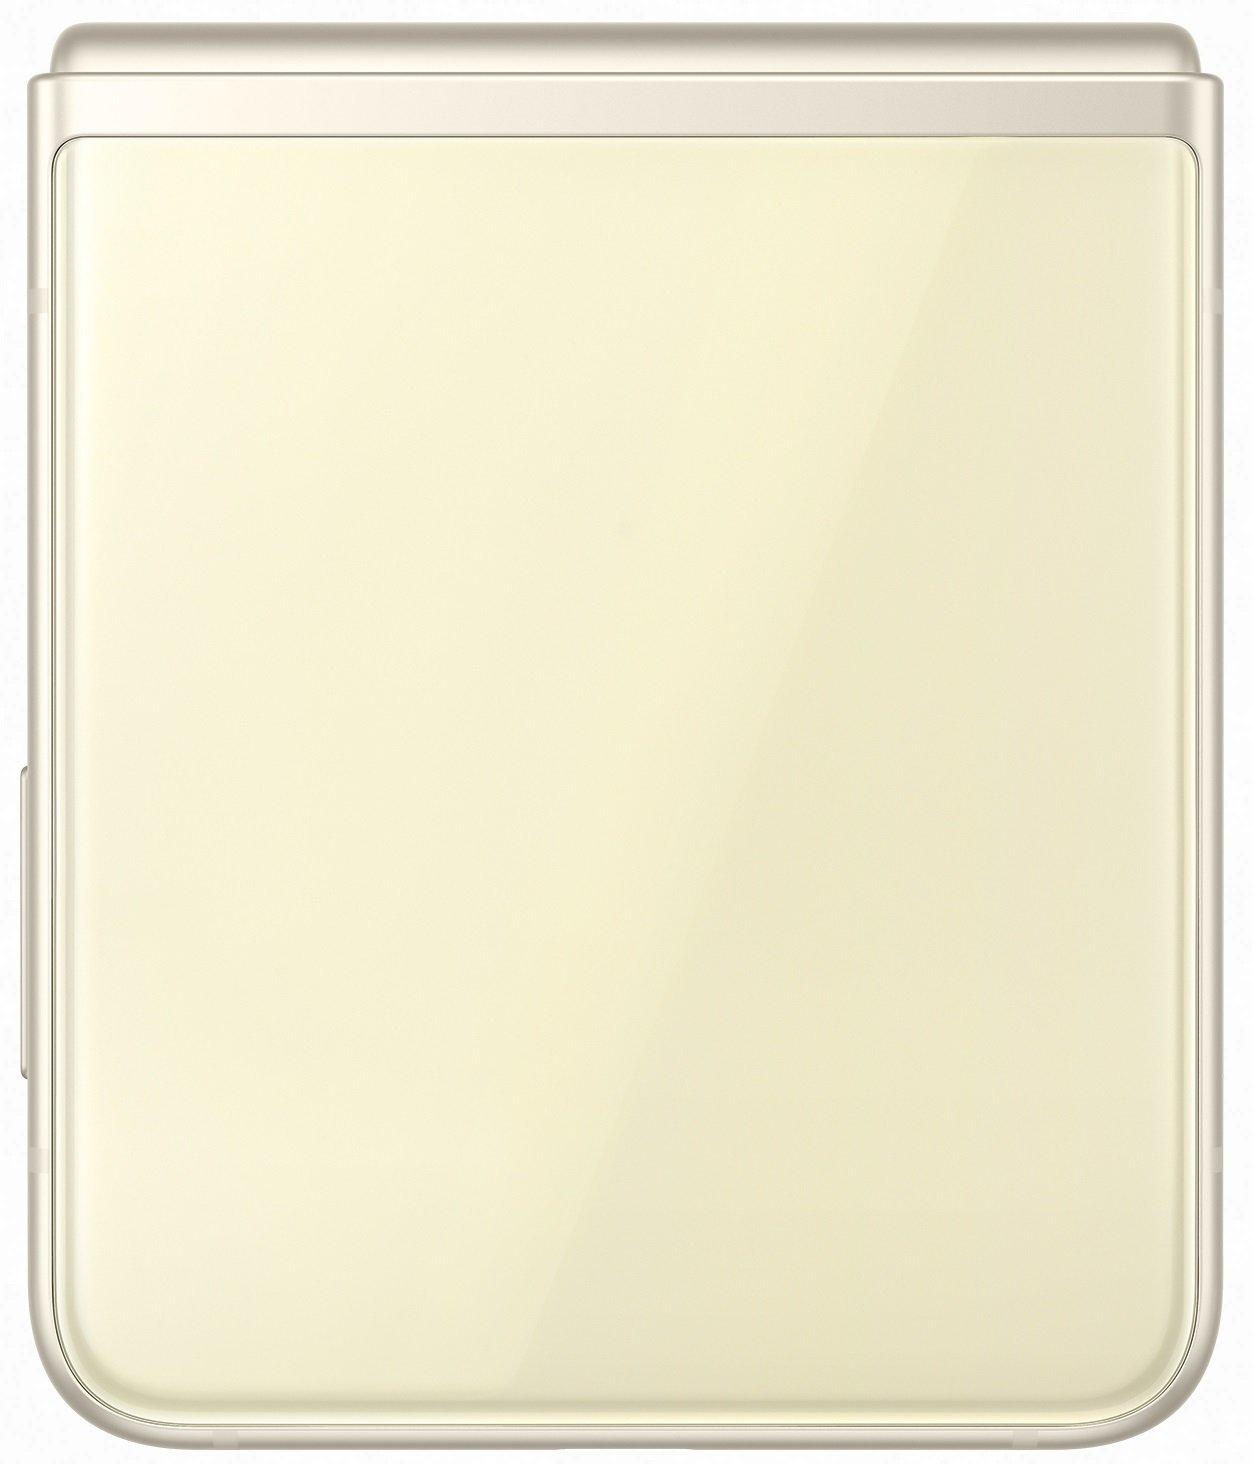 Смартфон Samsung Galaxy Z Flip3 8/128Gb Cream фото